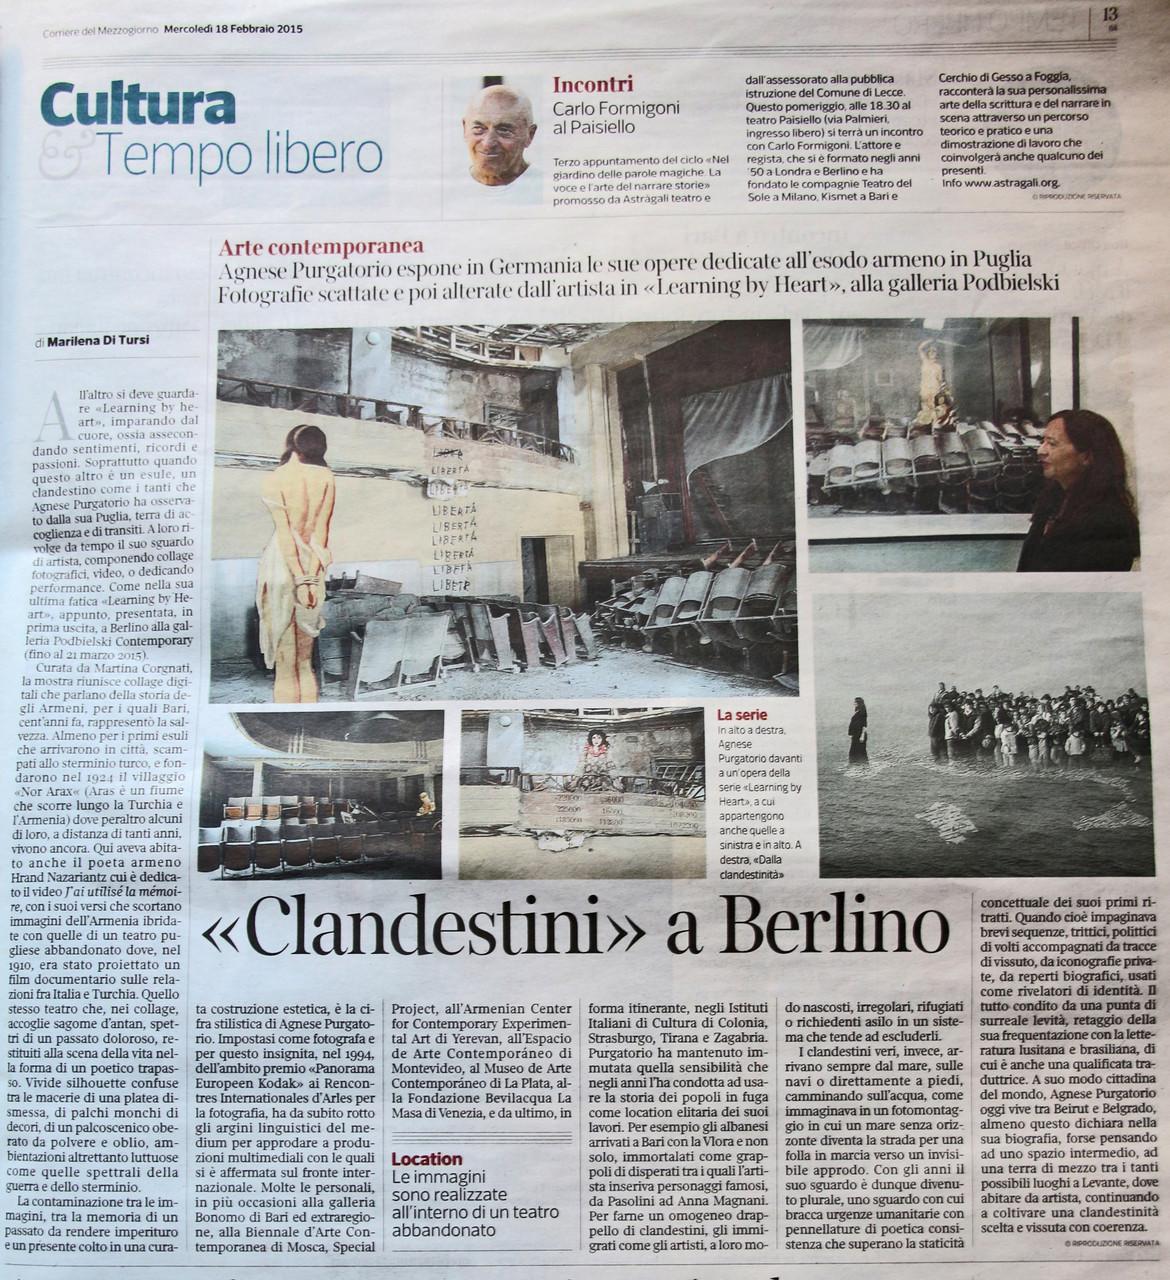 Corriere del Mezzogiorno 18 febbraio 2015